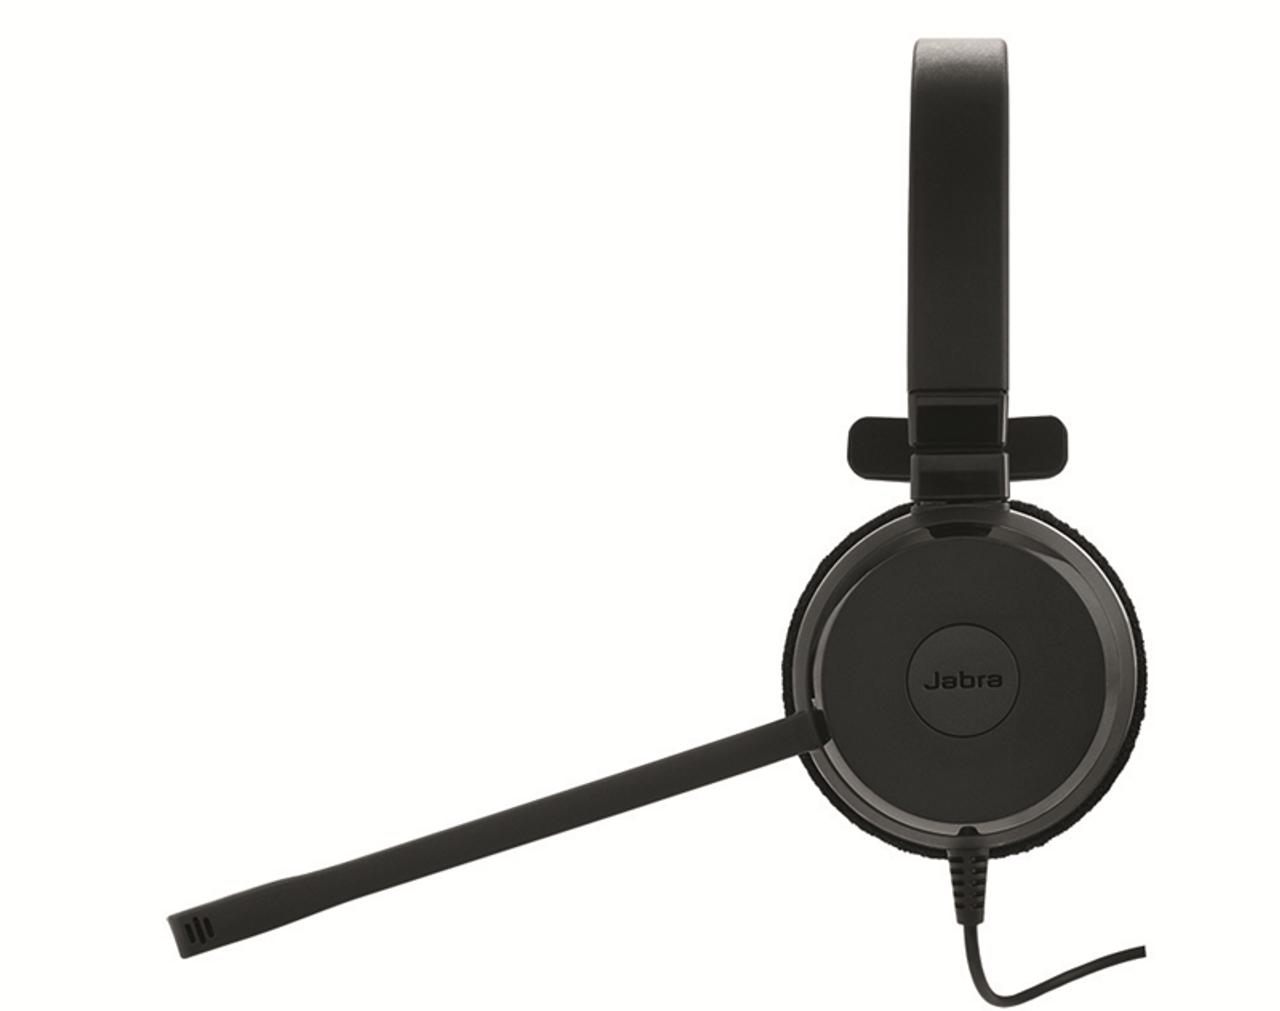 Jabra Evolve 20 Ms Stereo Usb Pc Mac Headset Headphones Optimized For Microsoft Skype For Business 4999 823 109